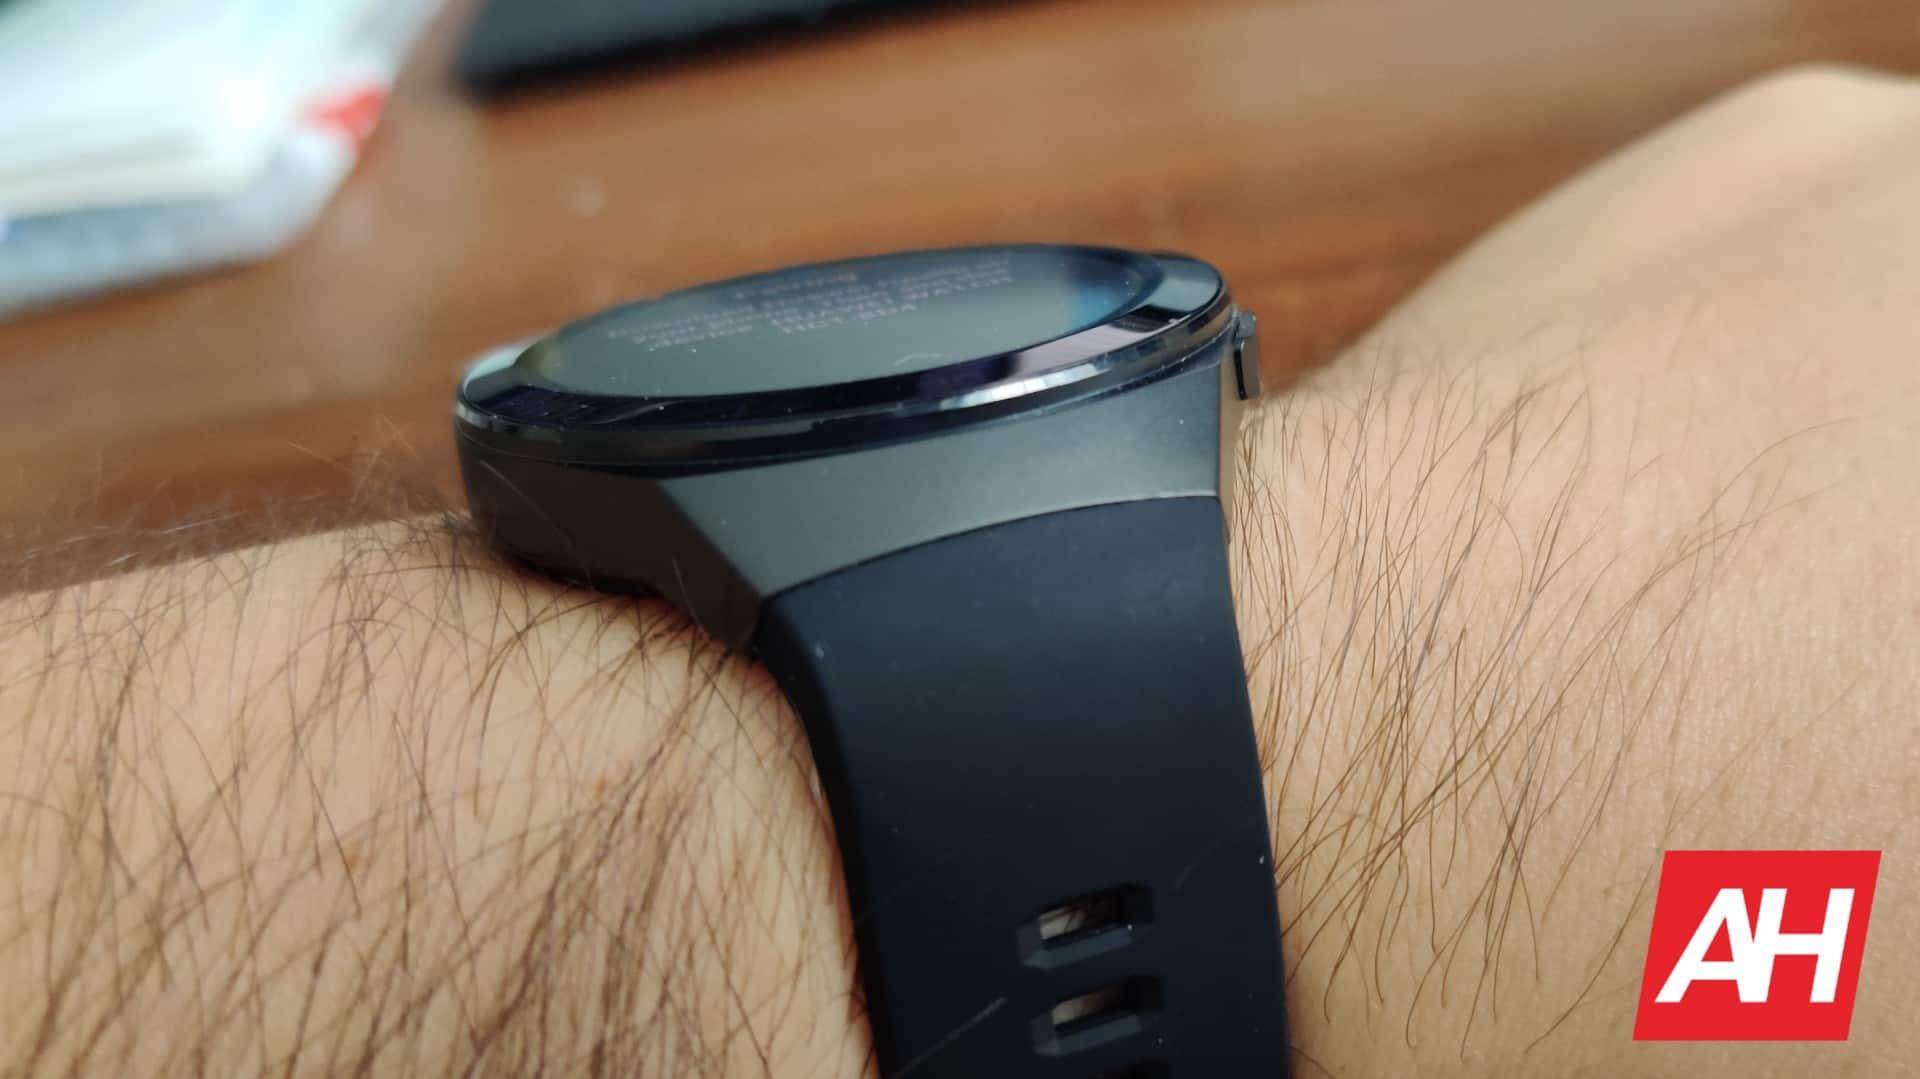 AH Huawei Watch GT 2e image 21